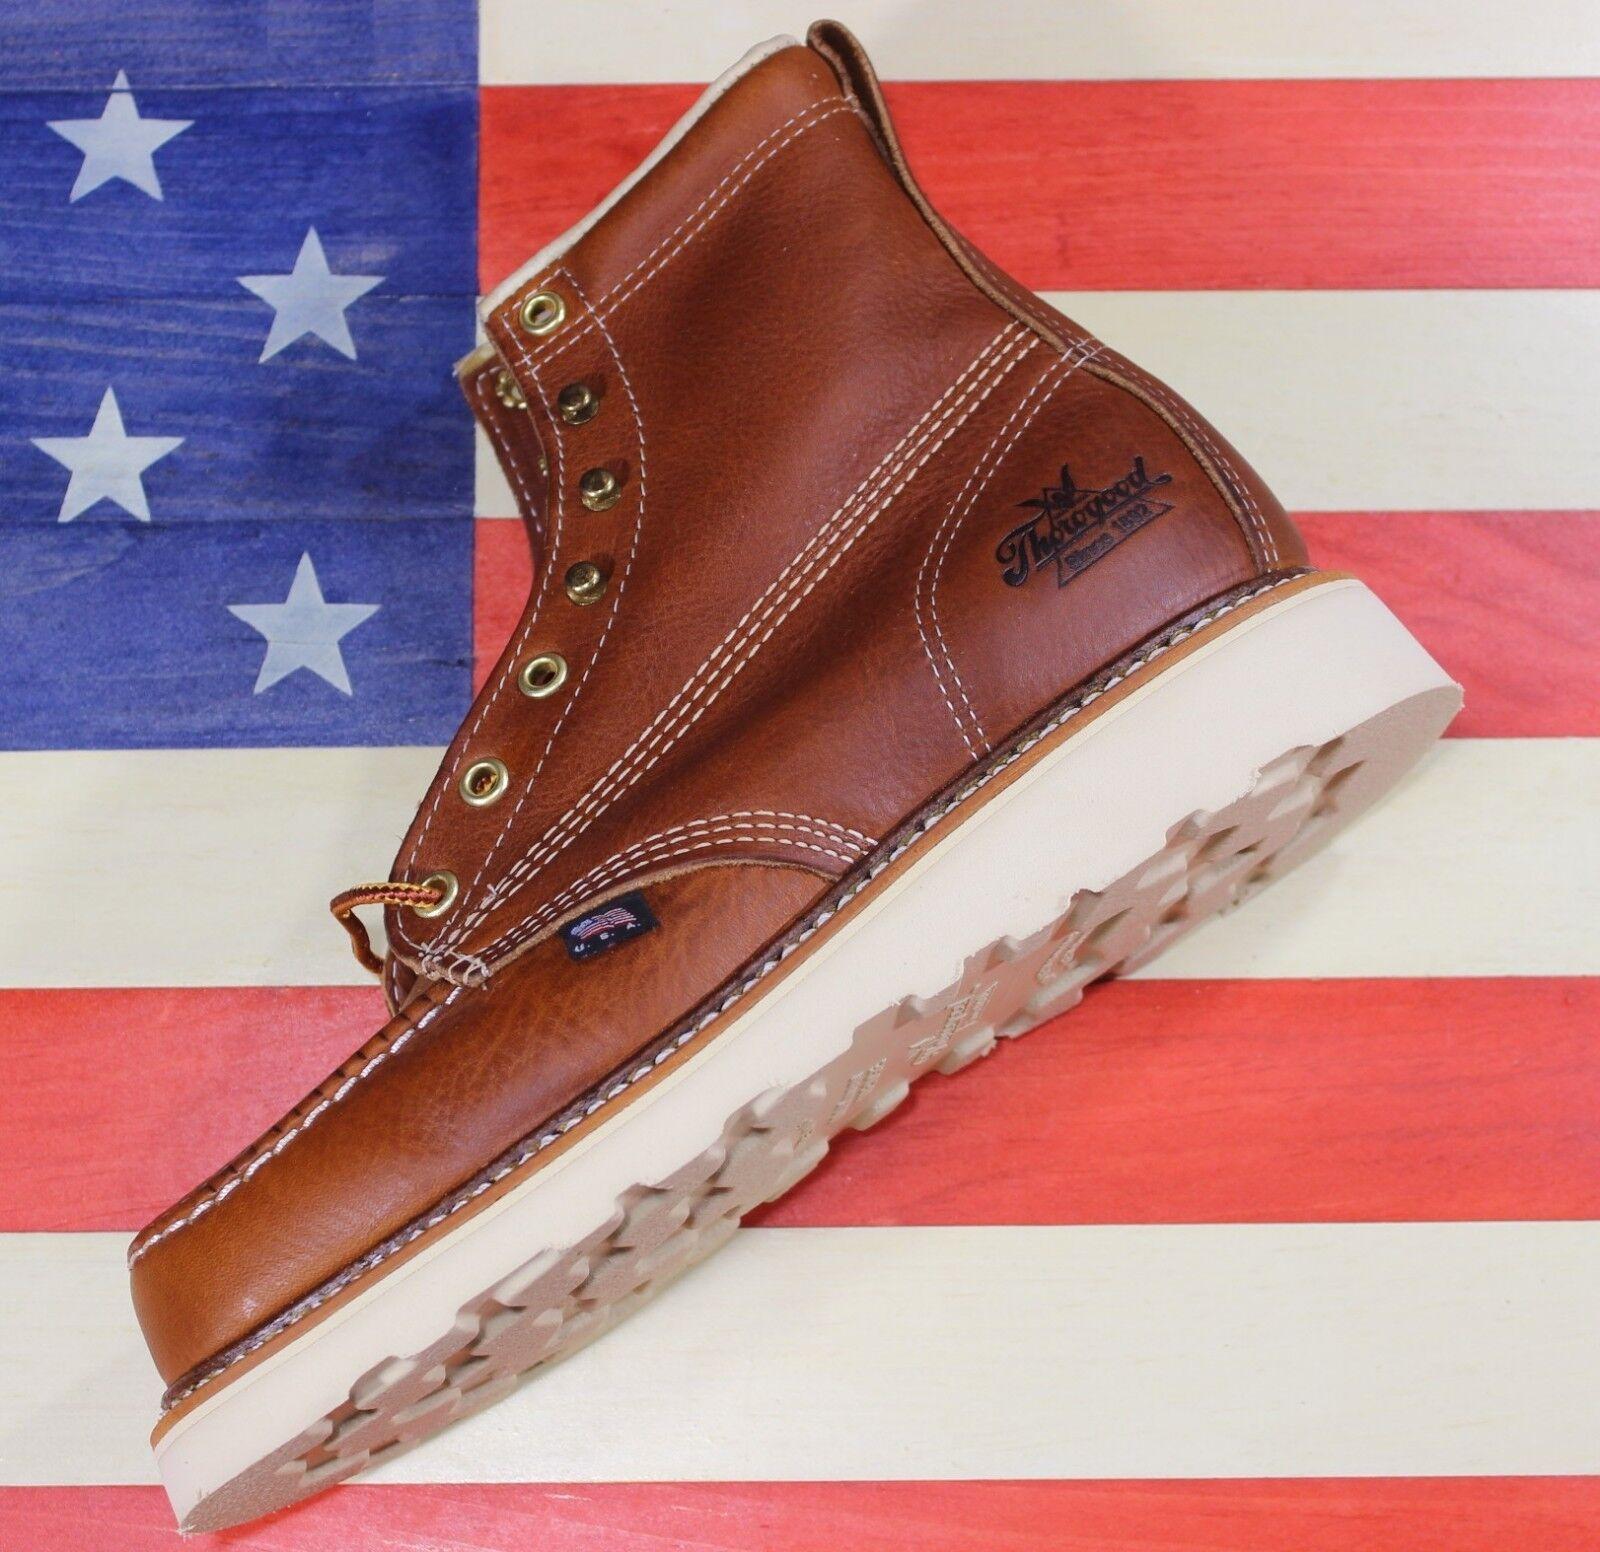 Thorogood Thorogood Thorogood American Heritage Cuña De Mujer Suave 6  - Toe botas De Trabajo 514-4200 Usa Made  el precio más bajo